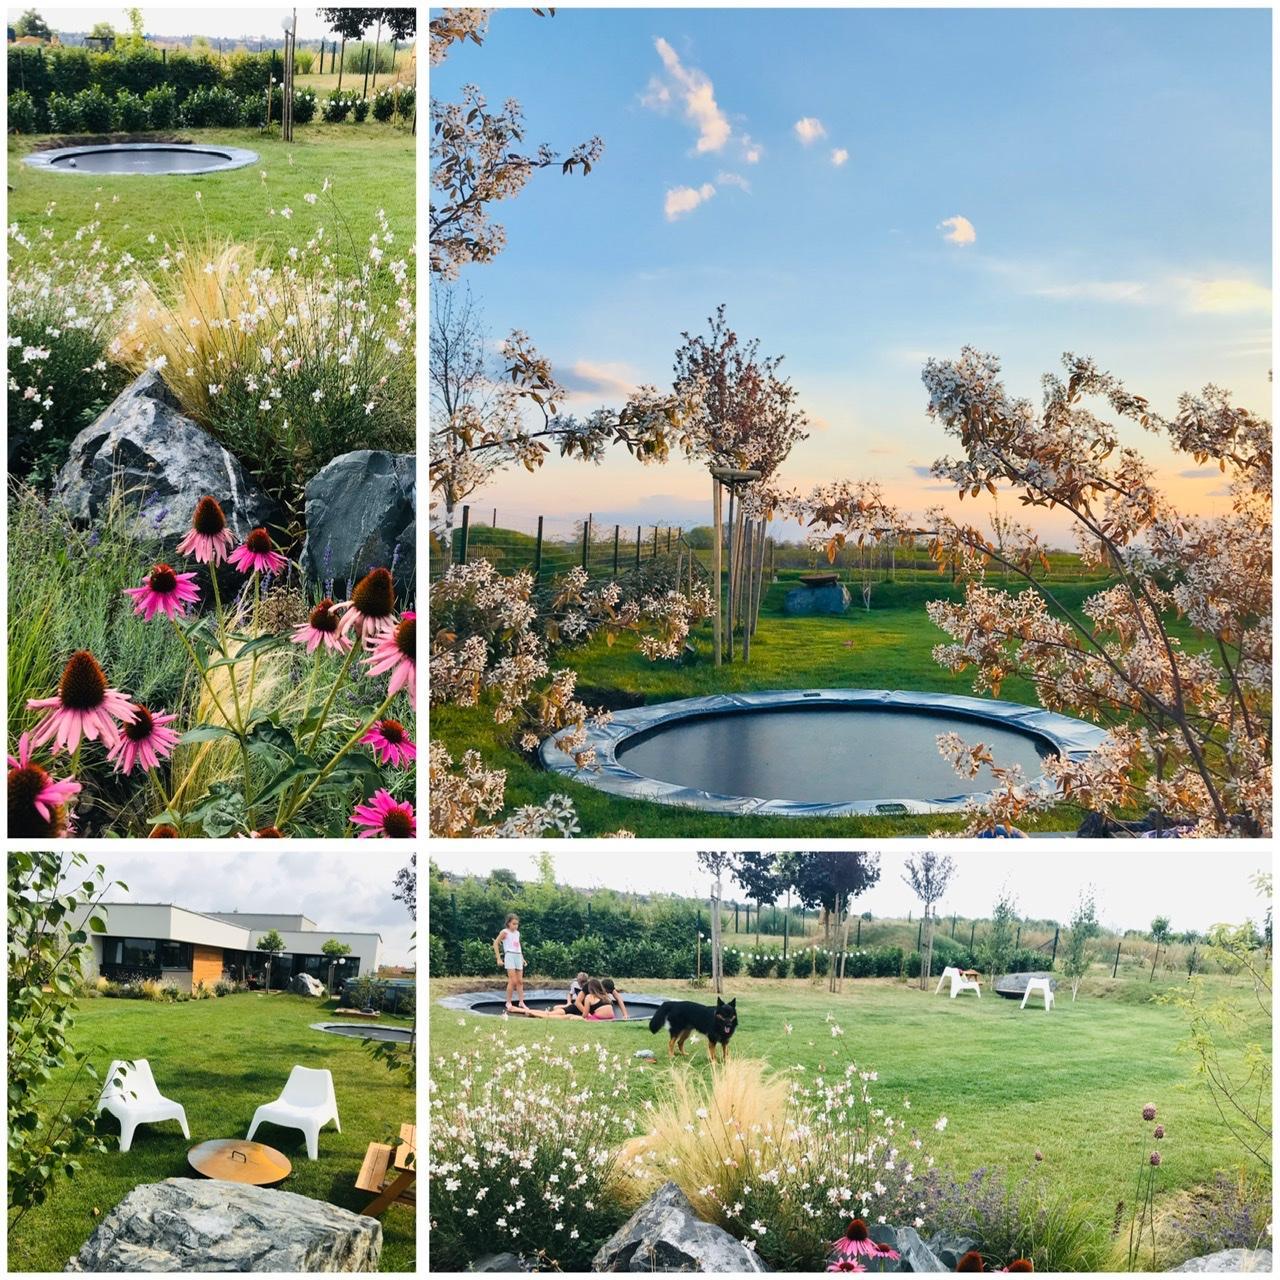 Naše L-ko - 2021 - stále dokončujeme - Zapustená trampolína 2. sezóna - najoblubenejší detský herný prvok u nás. Včerajšie foto s 2 muchovníkmi podvečer (v pravo), máj 2021 . Malé fotky - spomienka na minulé leto 2020. Tento rok pribudnu v okolí okrasné trávy.